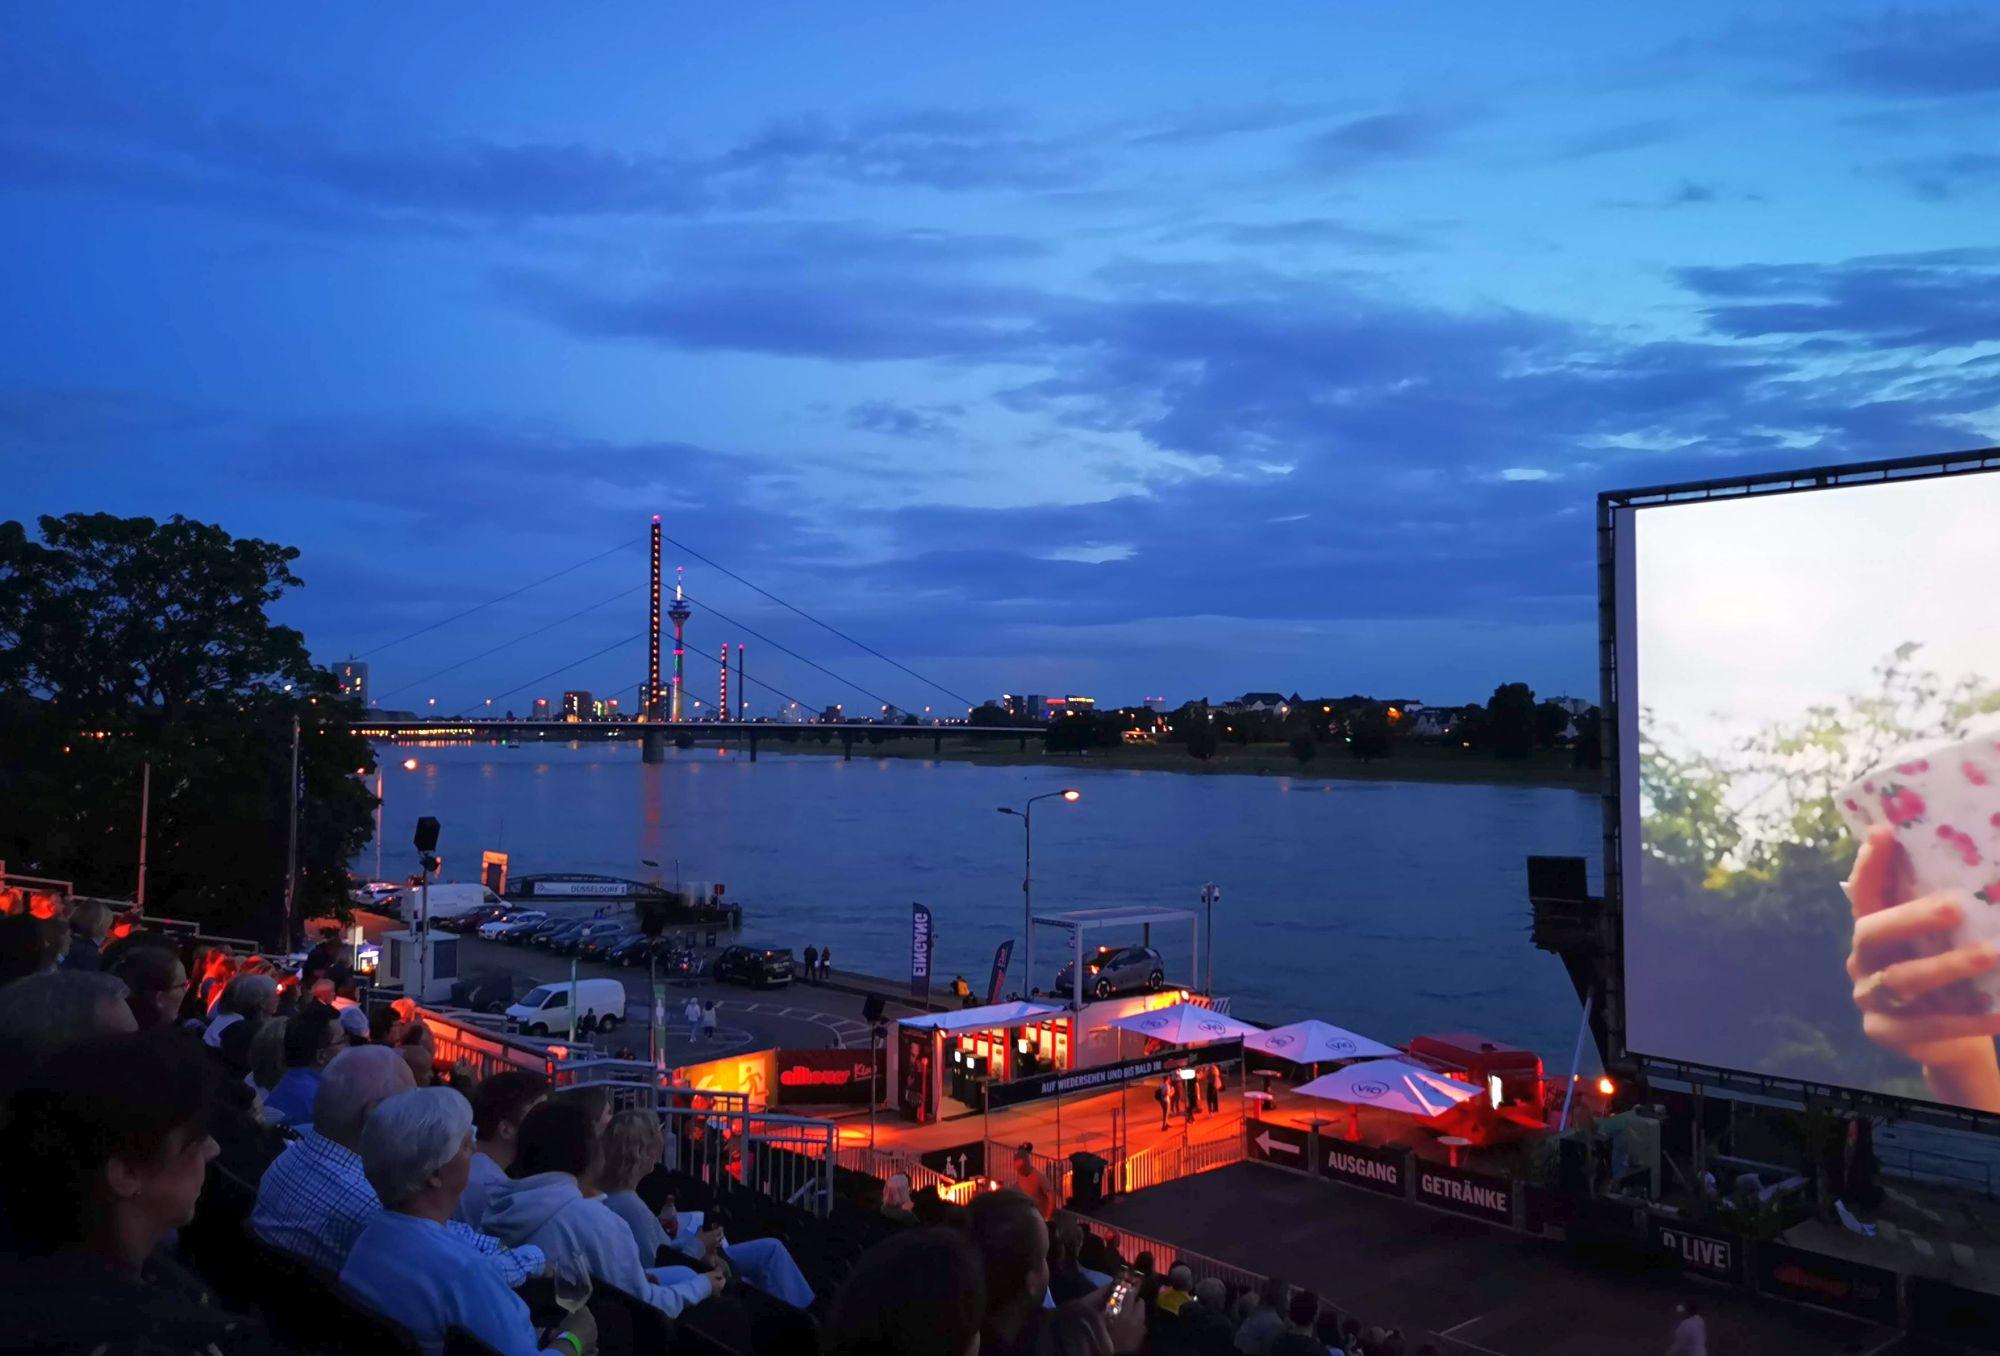 2021 endlich wieder: Das Open-Air-Kino im Rheinpark Golzheim (Foto: TD)